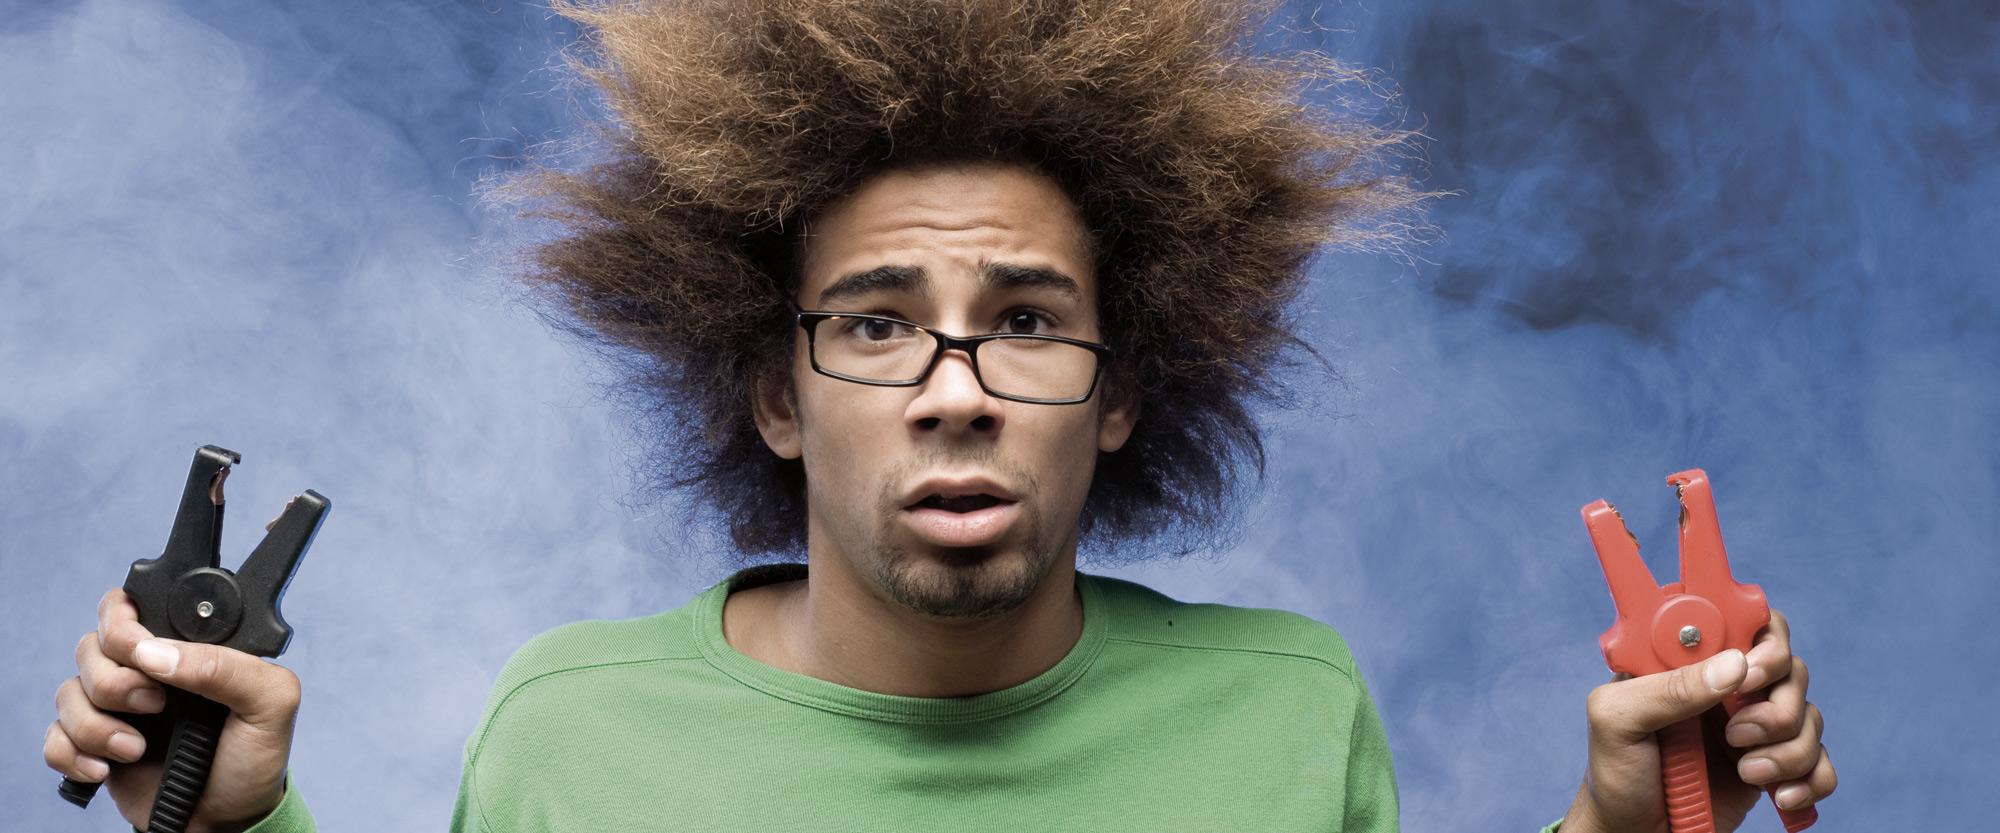 Mann Strom elektronisch geladen